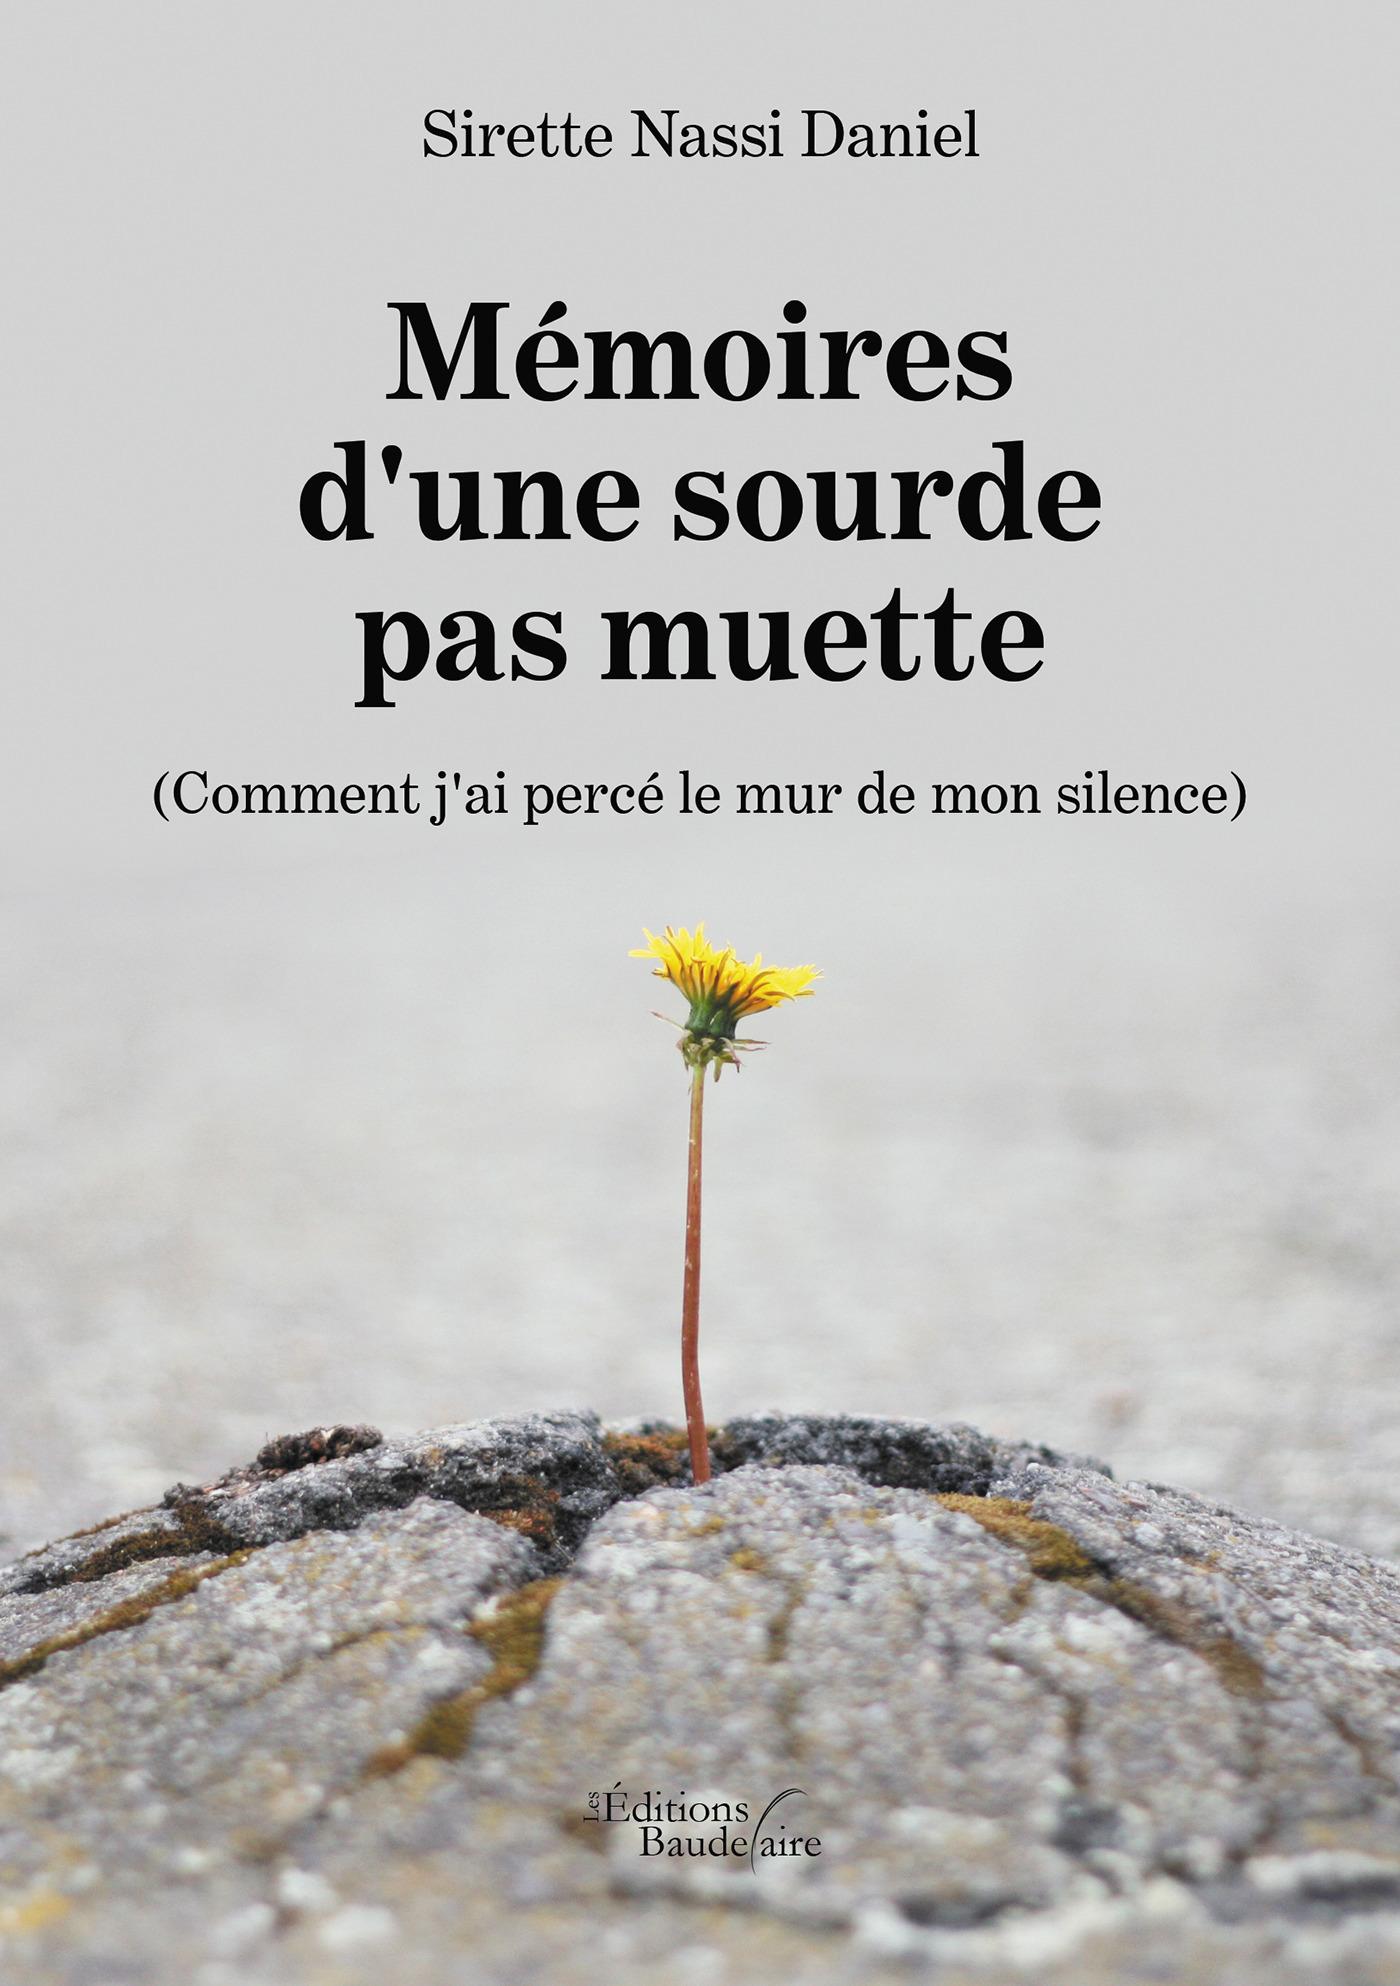 Mémoires d'une sourde pas muette - (Comment j'ai percé le mur de mon silence)  - Sirette Nassi Daniel